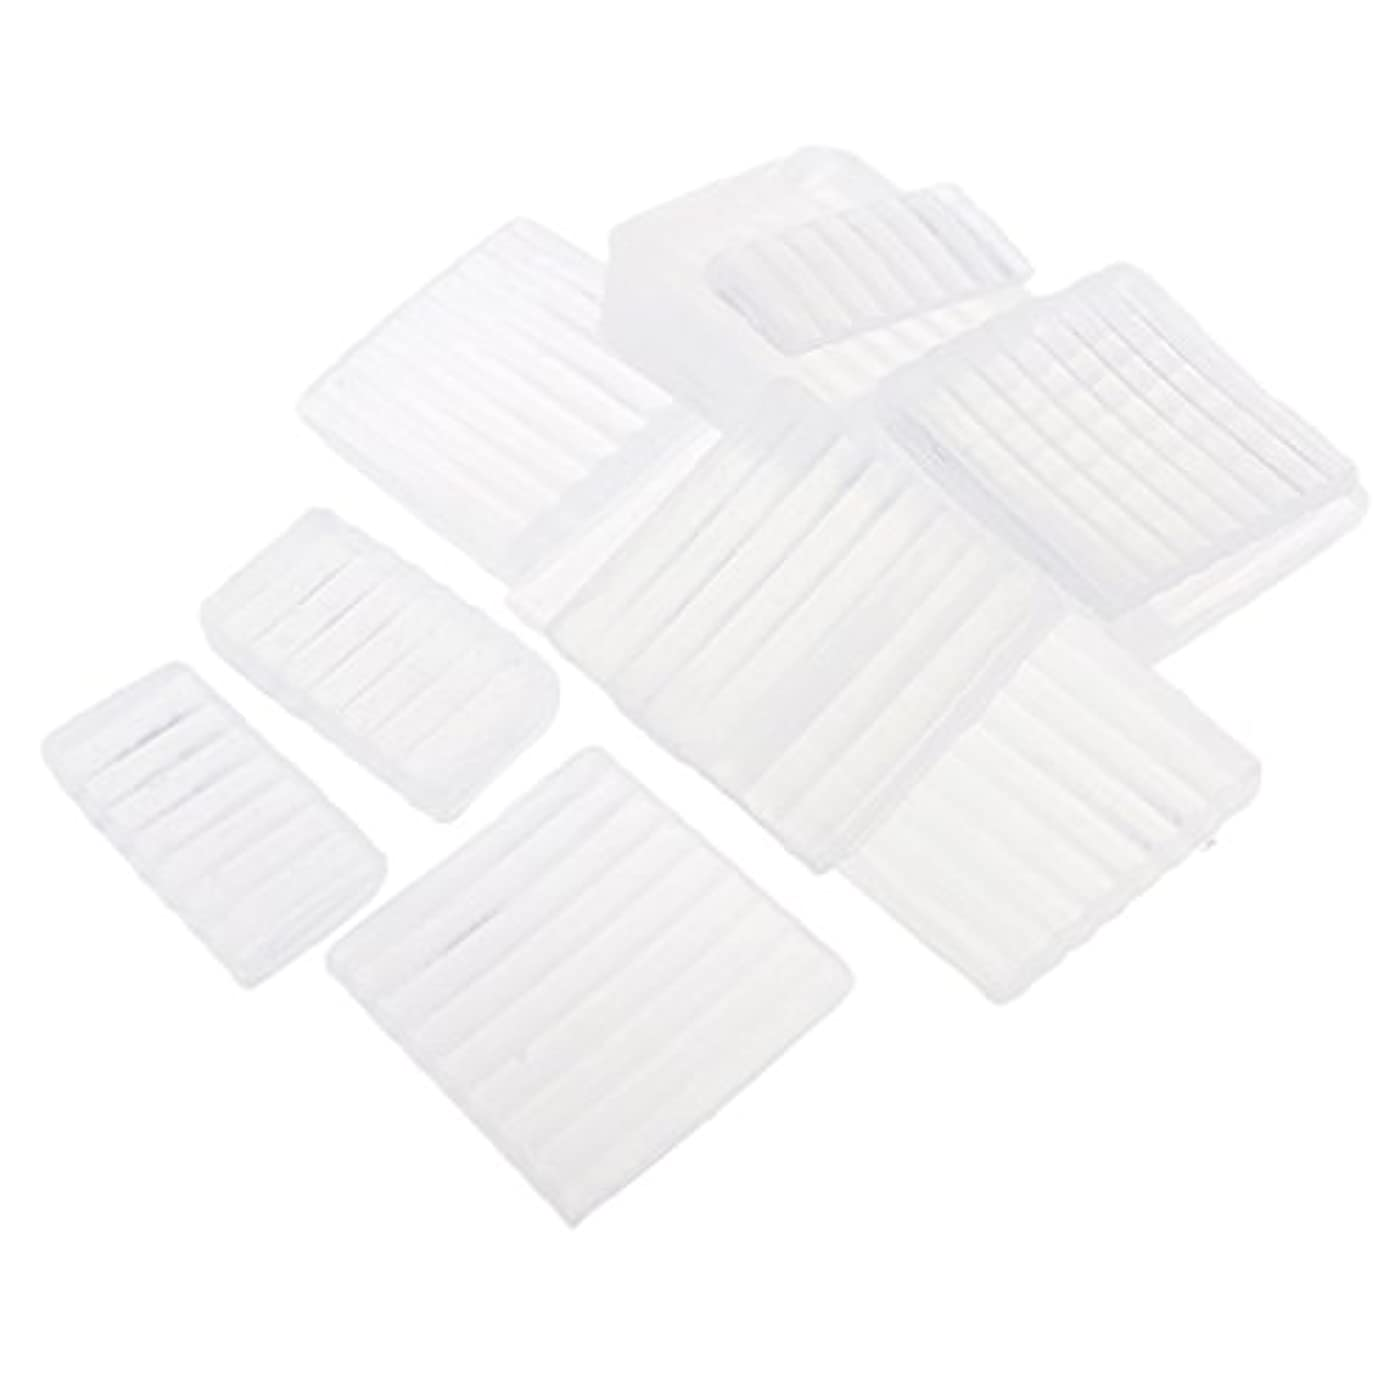 グラディスコイルテレビPerfeclan 約500g ホワイト 透明 石鹸ベース DIY 手作り 石鹸 材料